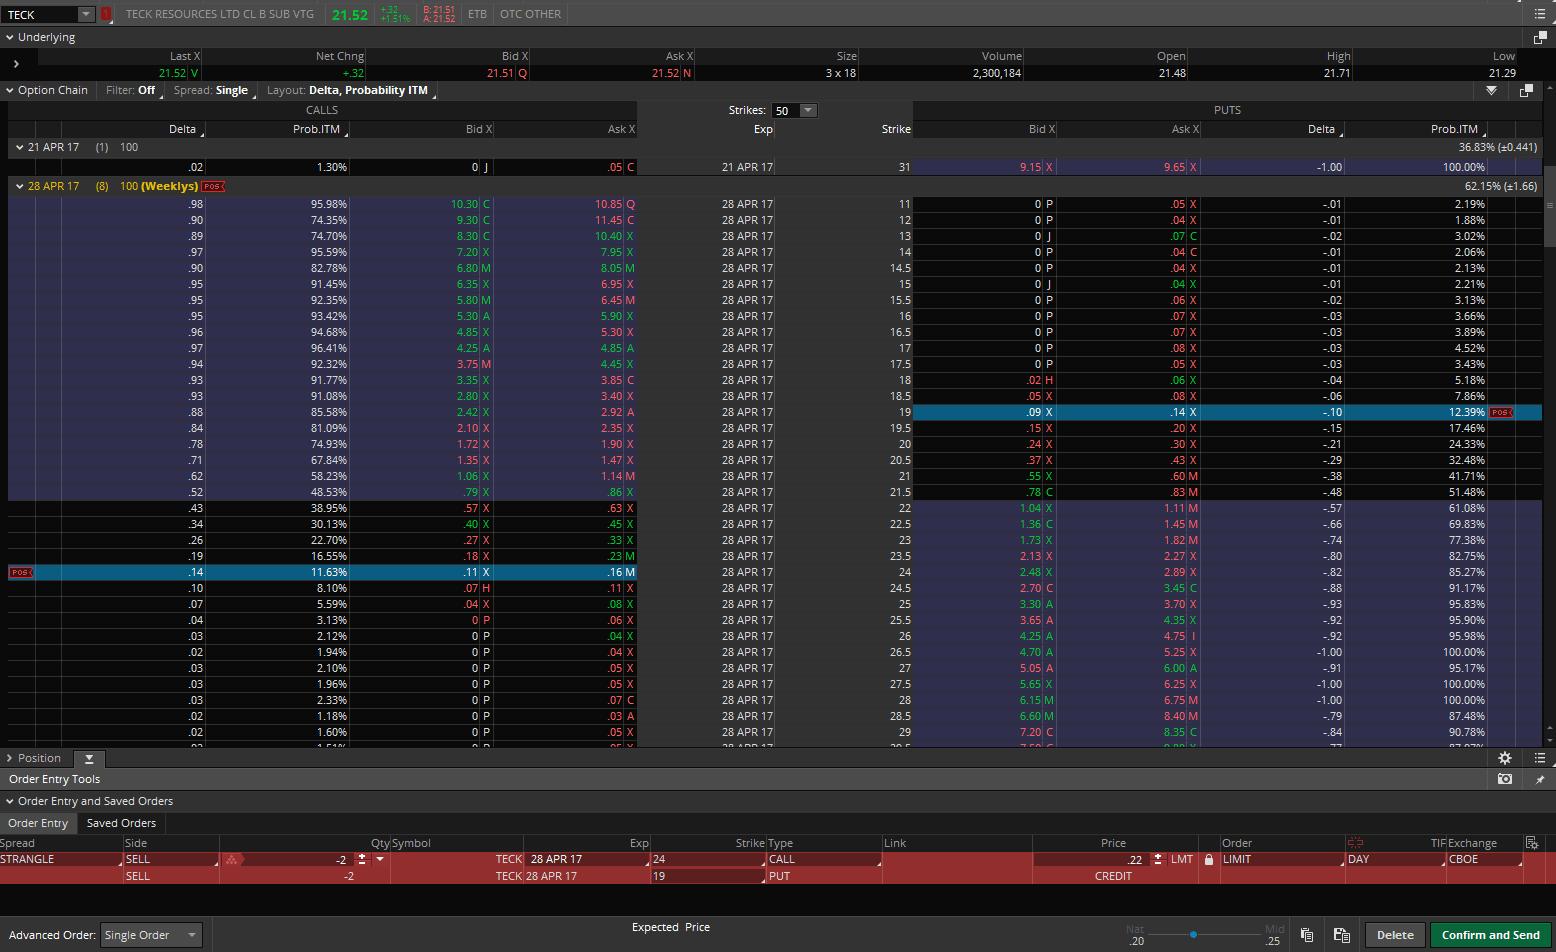 SPX trend reversal